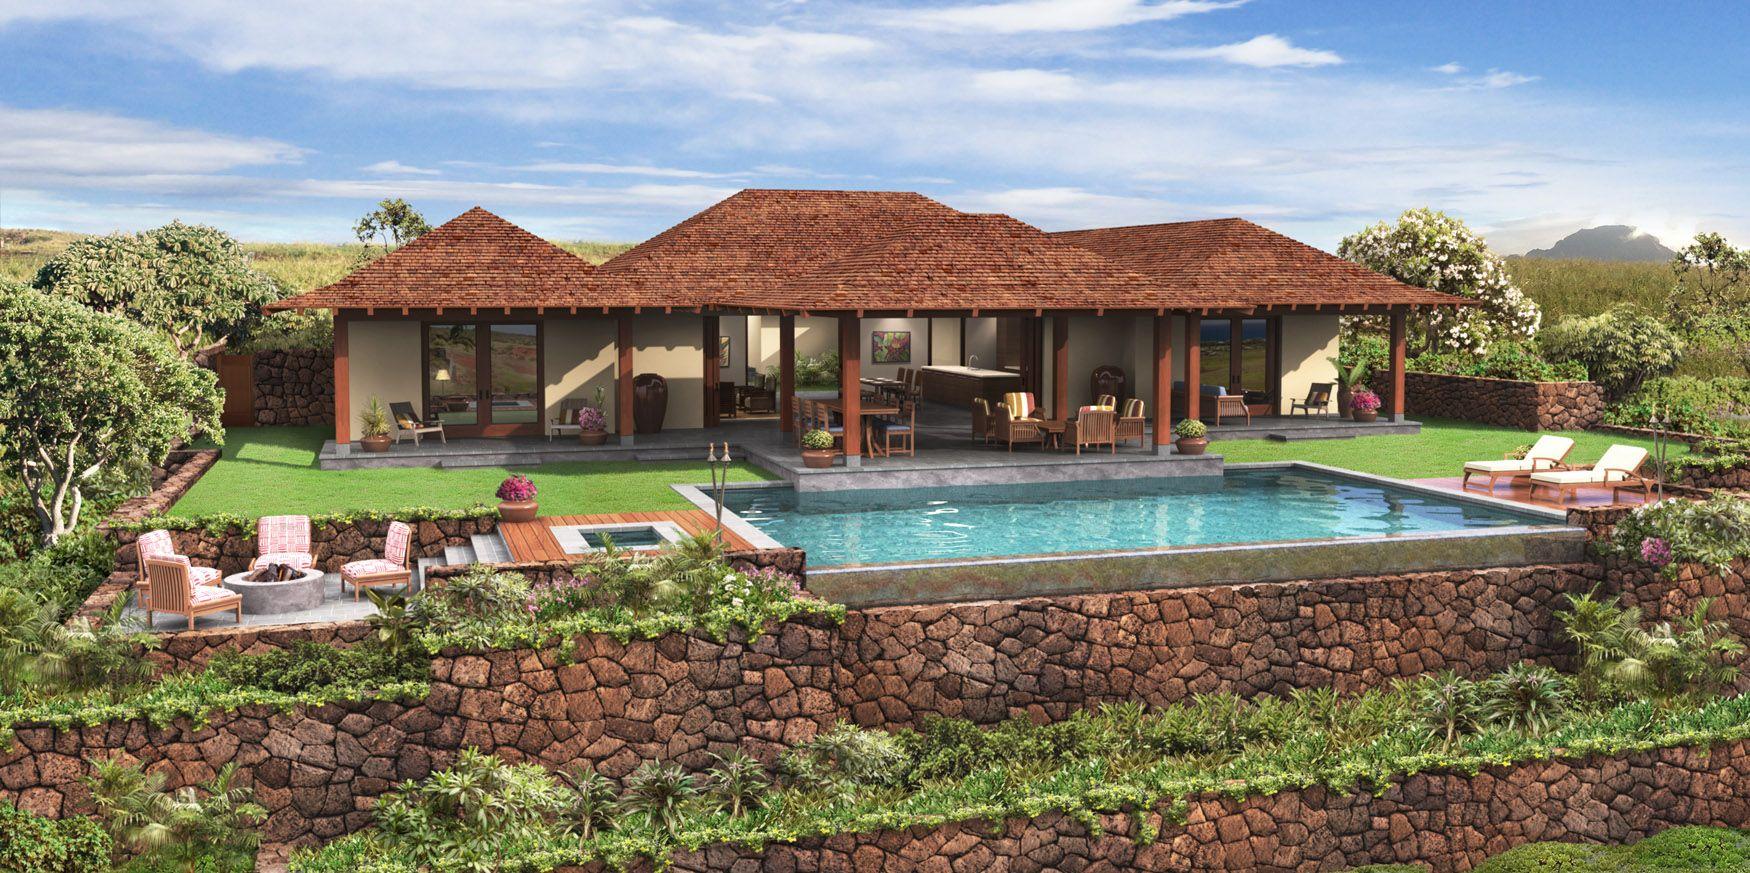 Build Your Own Hawaiian homes, Luxury beach house, Beach